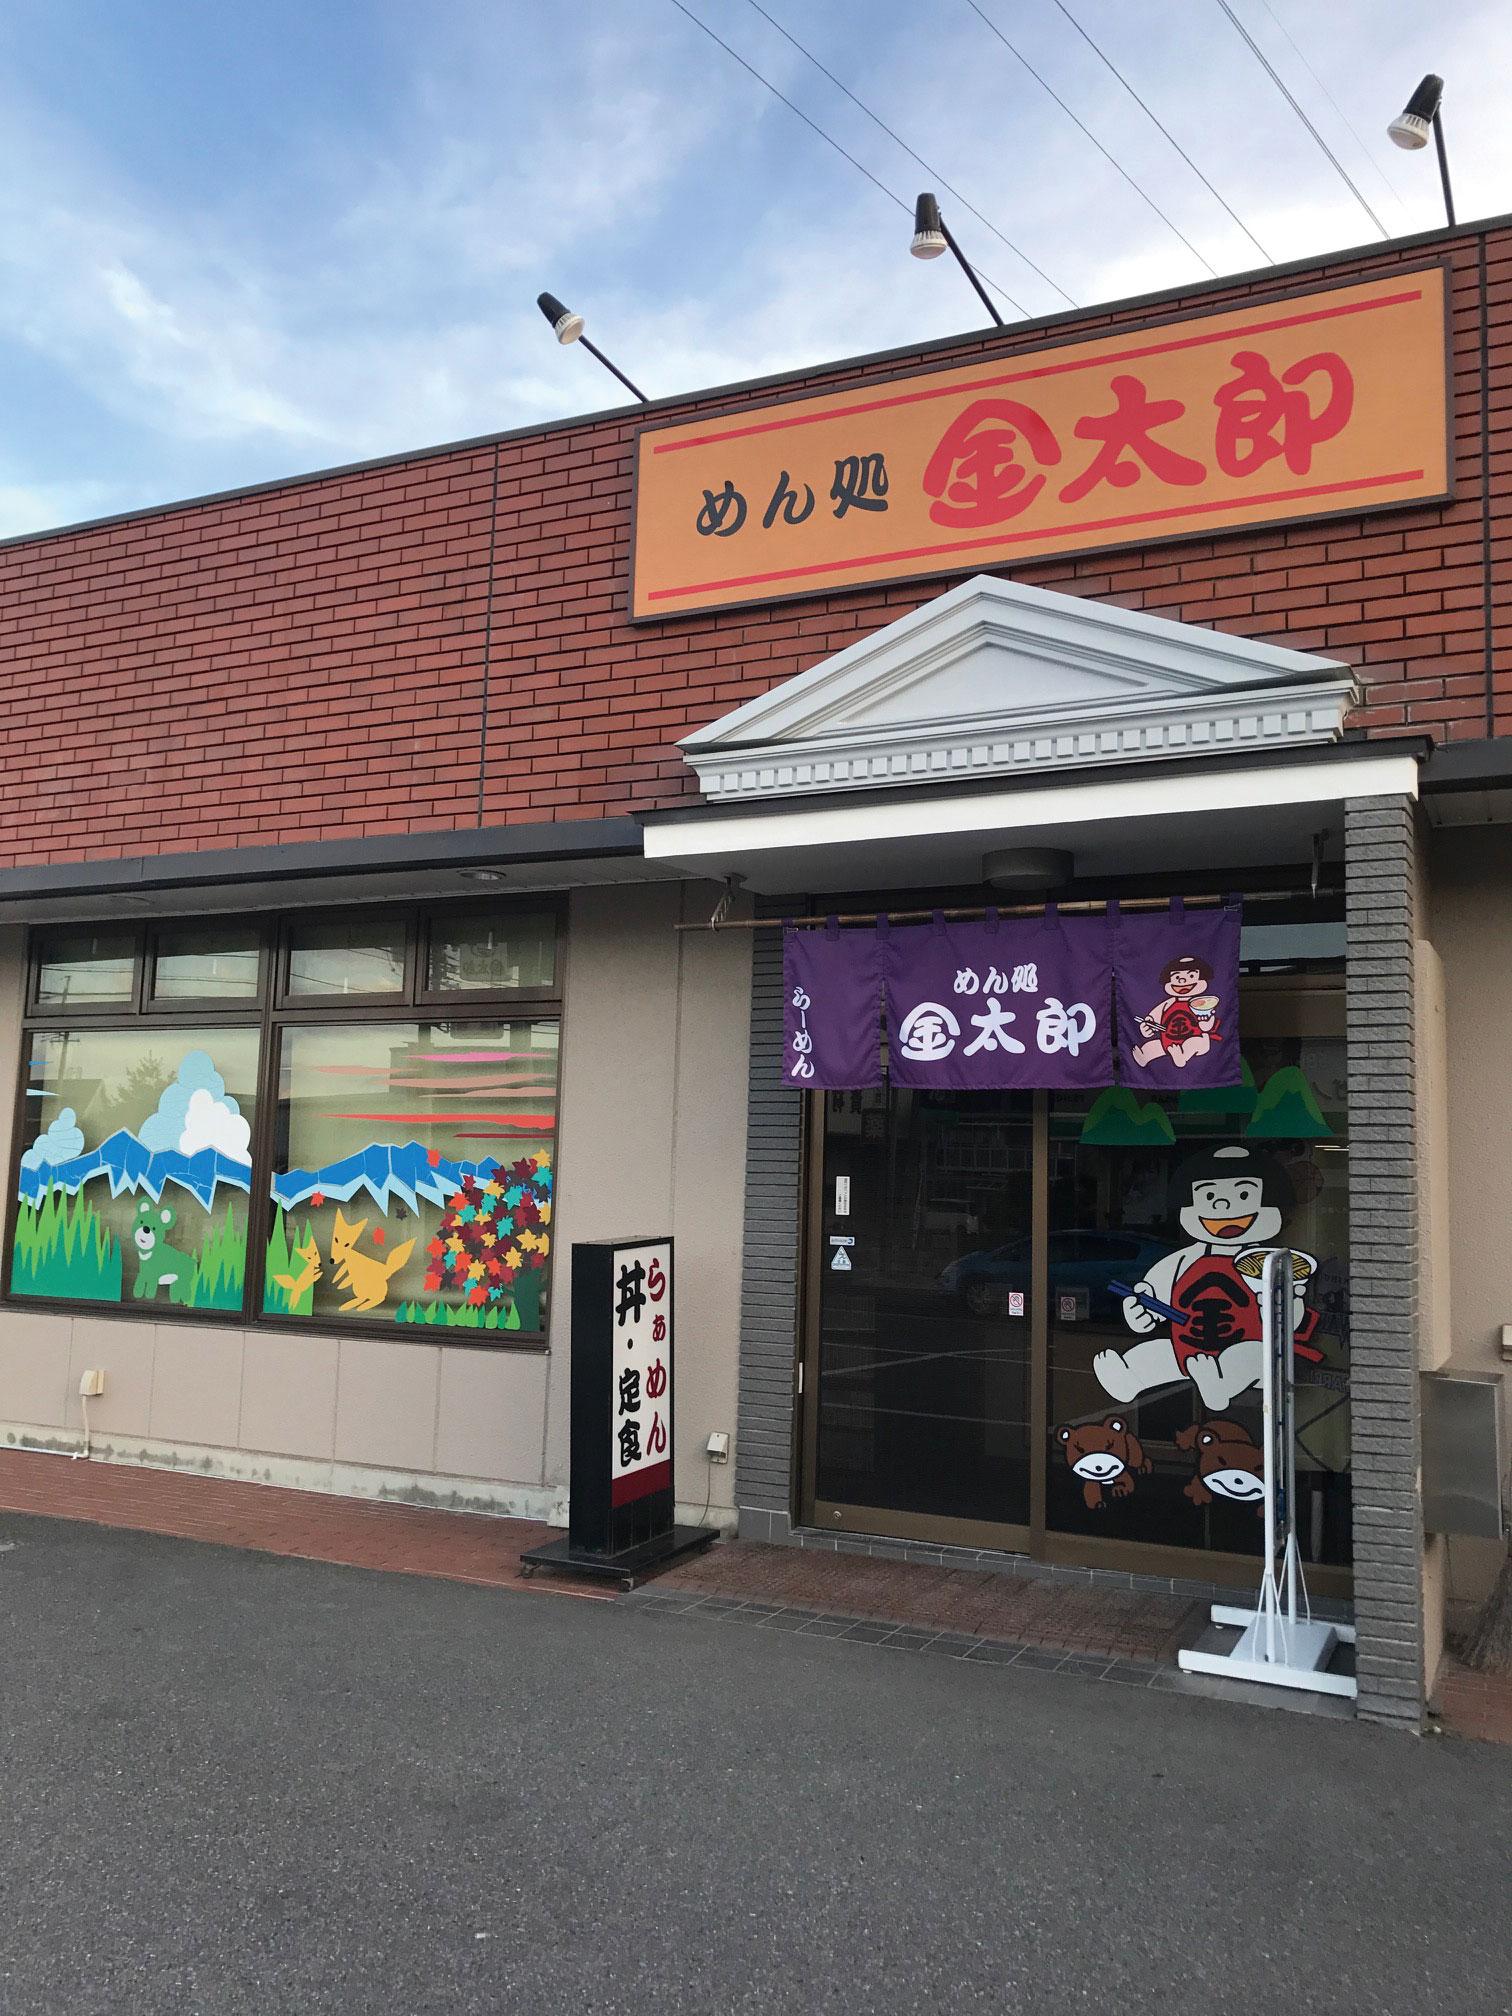 お店の入口にも店名を表す金太郎のイラストが